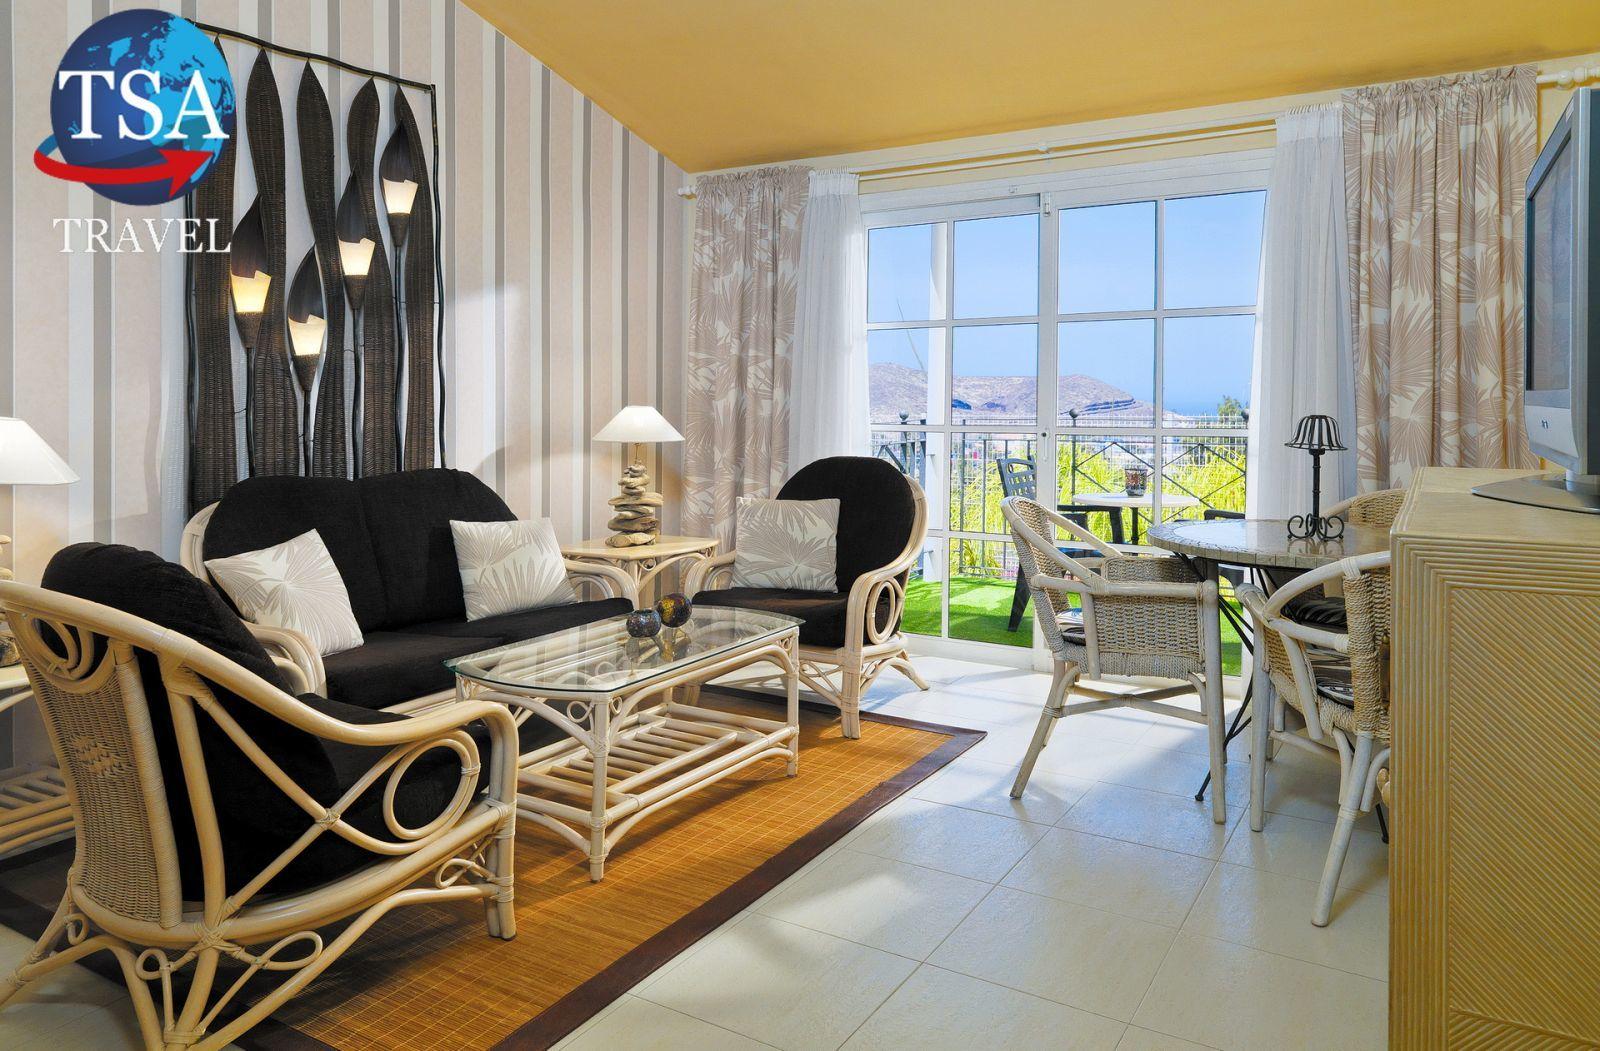 Gran_Oasis_Tenerife_013.jpg